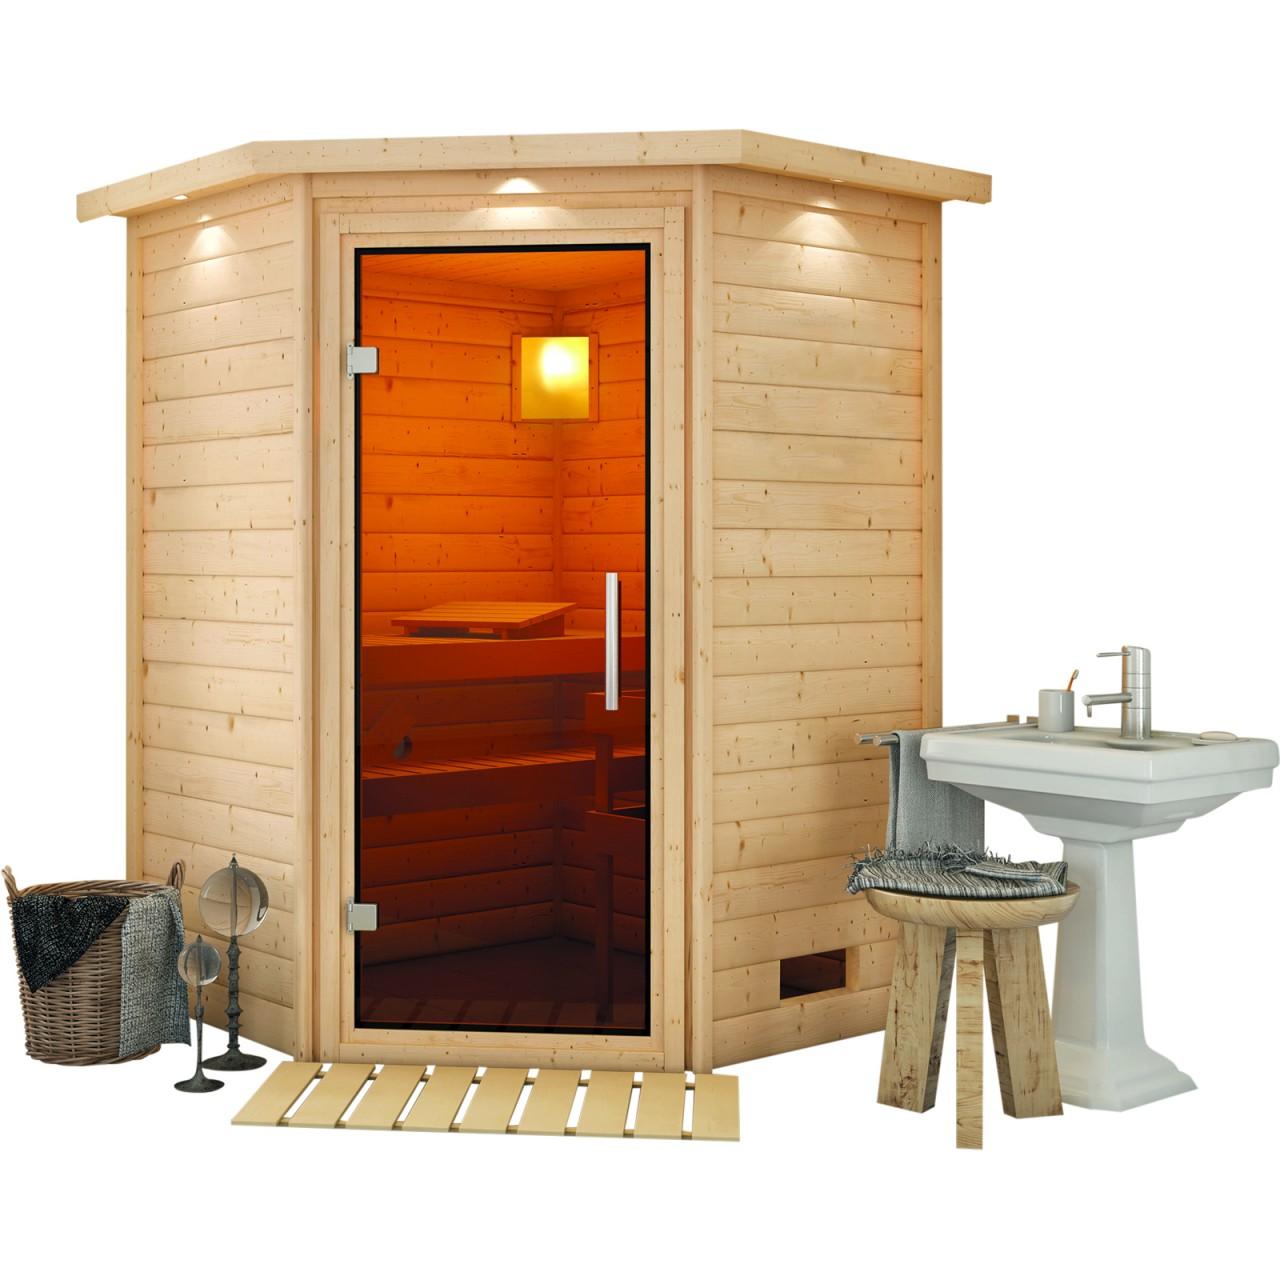 Sauna FRANKA 1,74 x 1,60 m